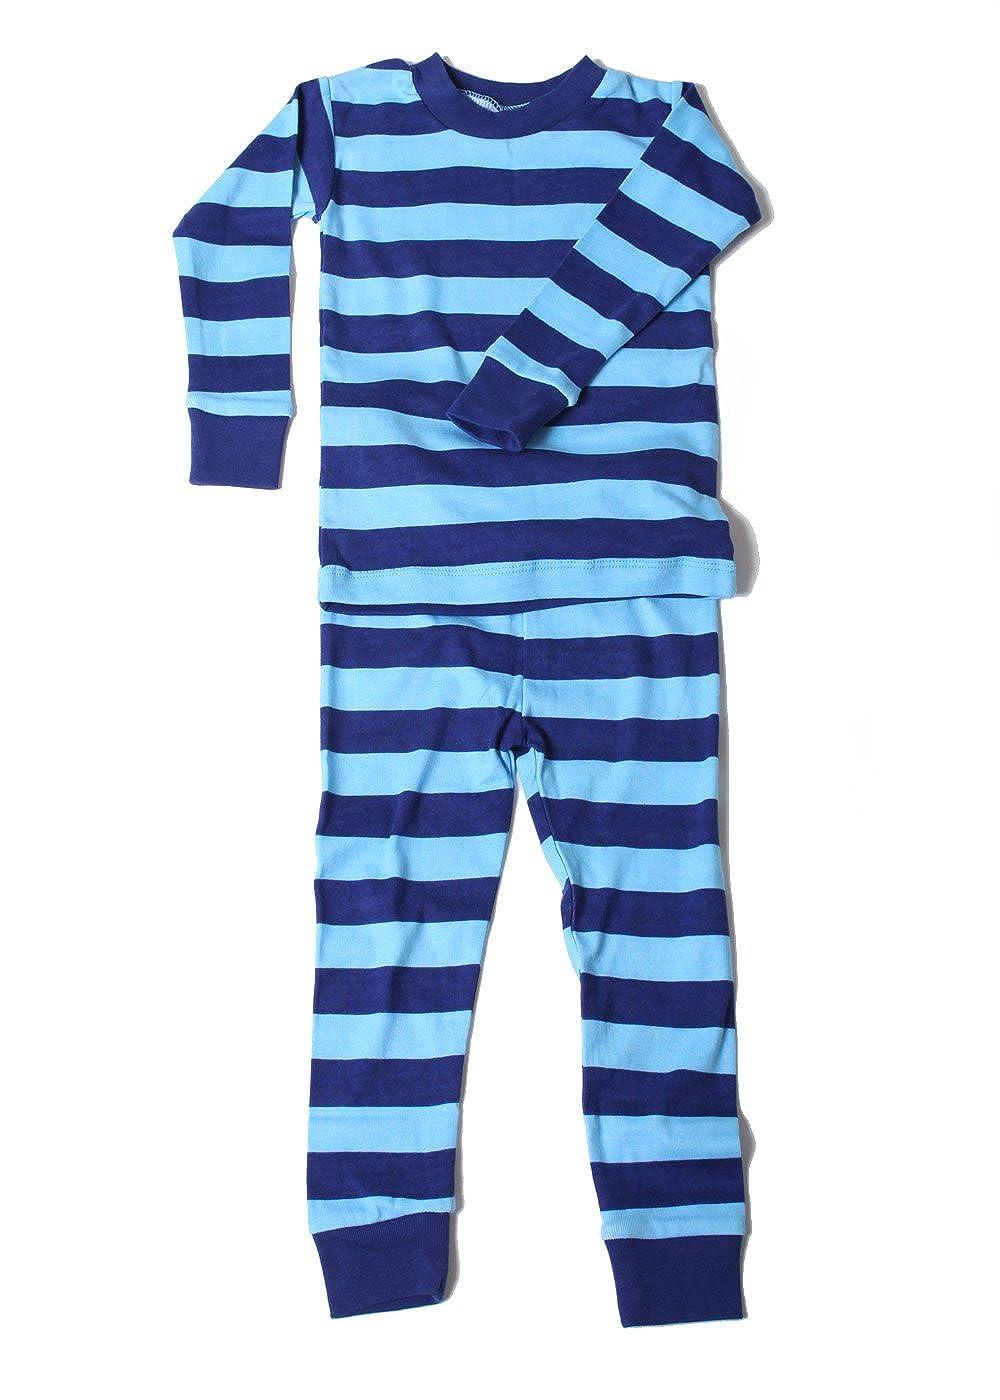 【破格値下げ】 New Jammies ブルー SLEEPWEAR ベビーボーイズ New 18 Months SLEEPWEAR ブルー B008MUA29Y, 坂祝町:ef91a70a --- a0267596.xsph.ru